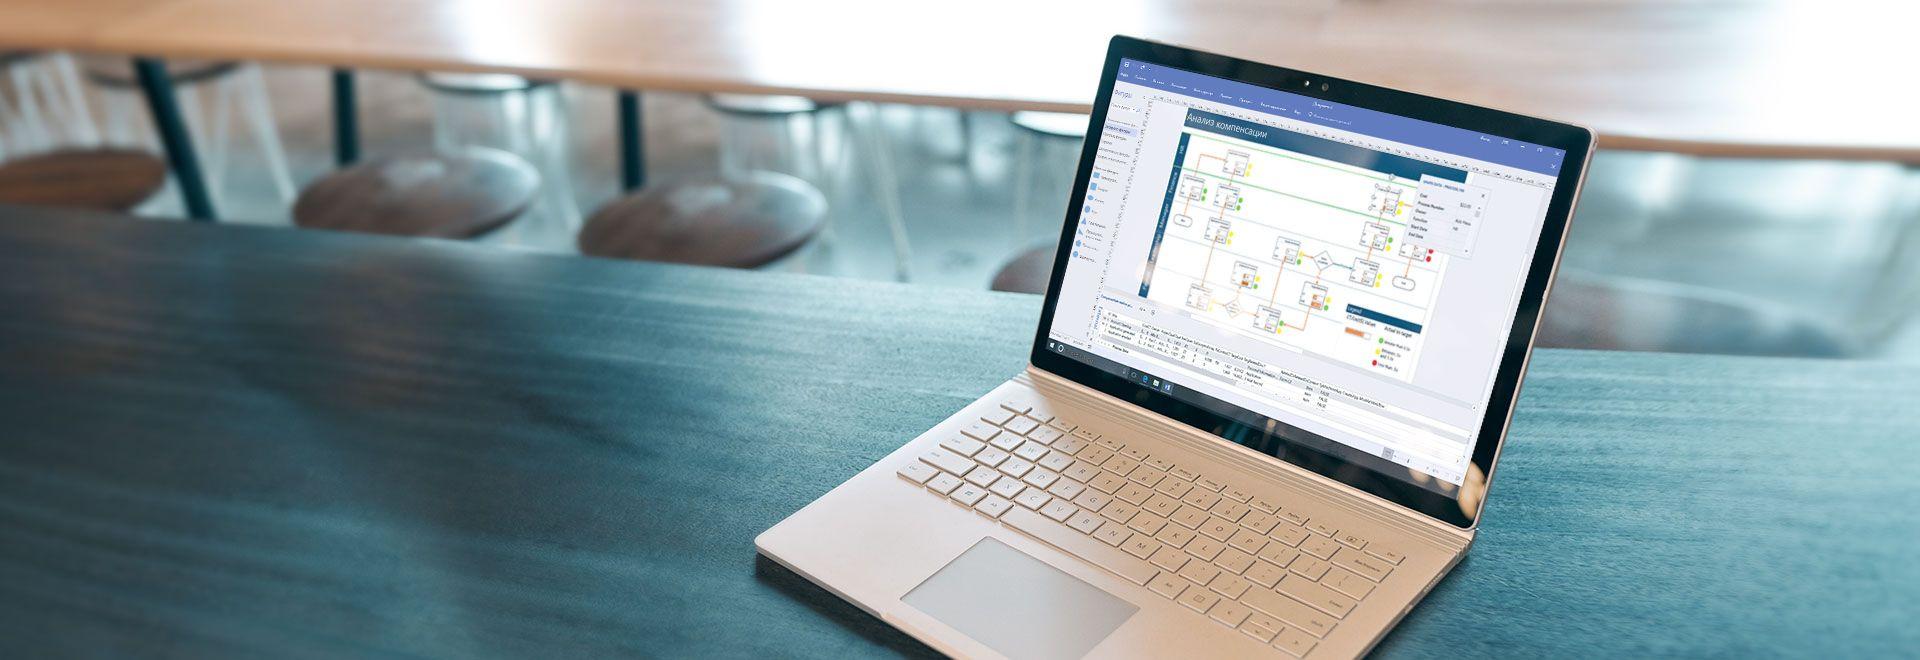 Схема рабочего процесса в Visio на экране ноутбука